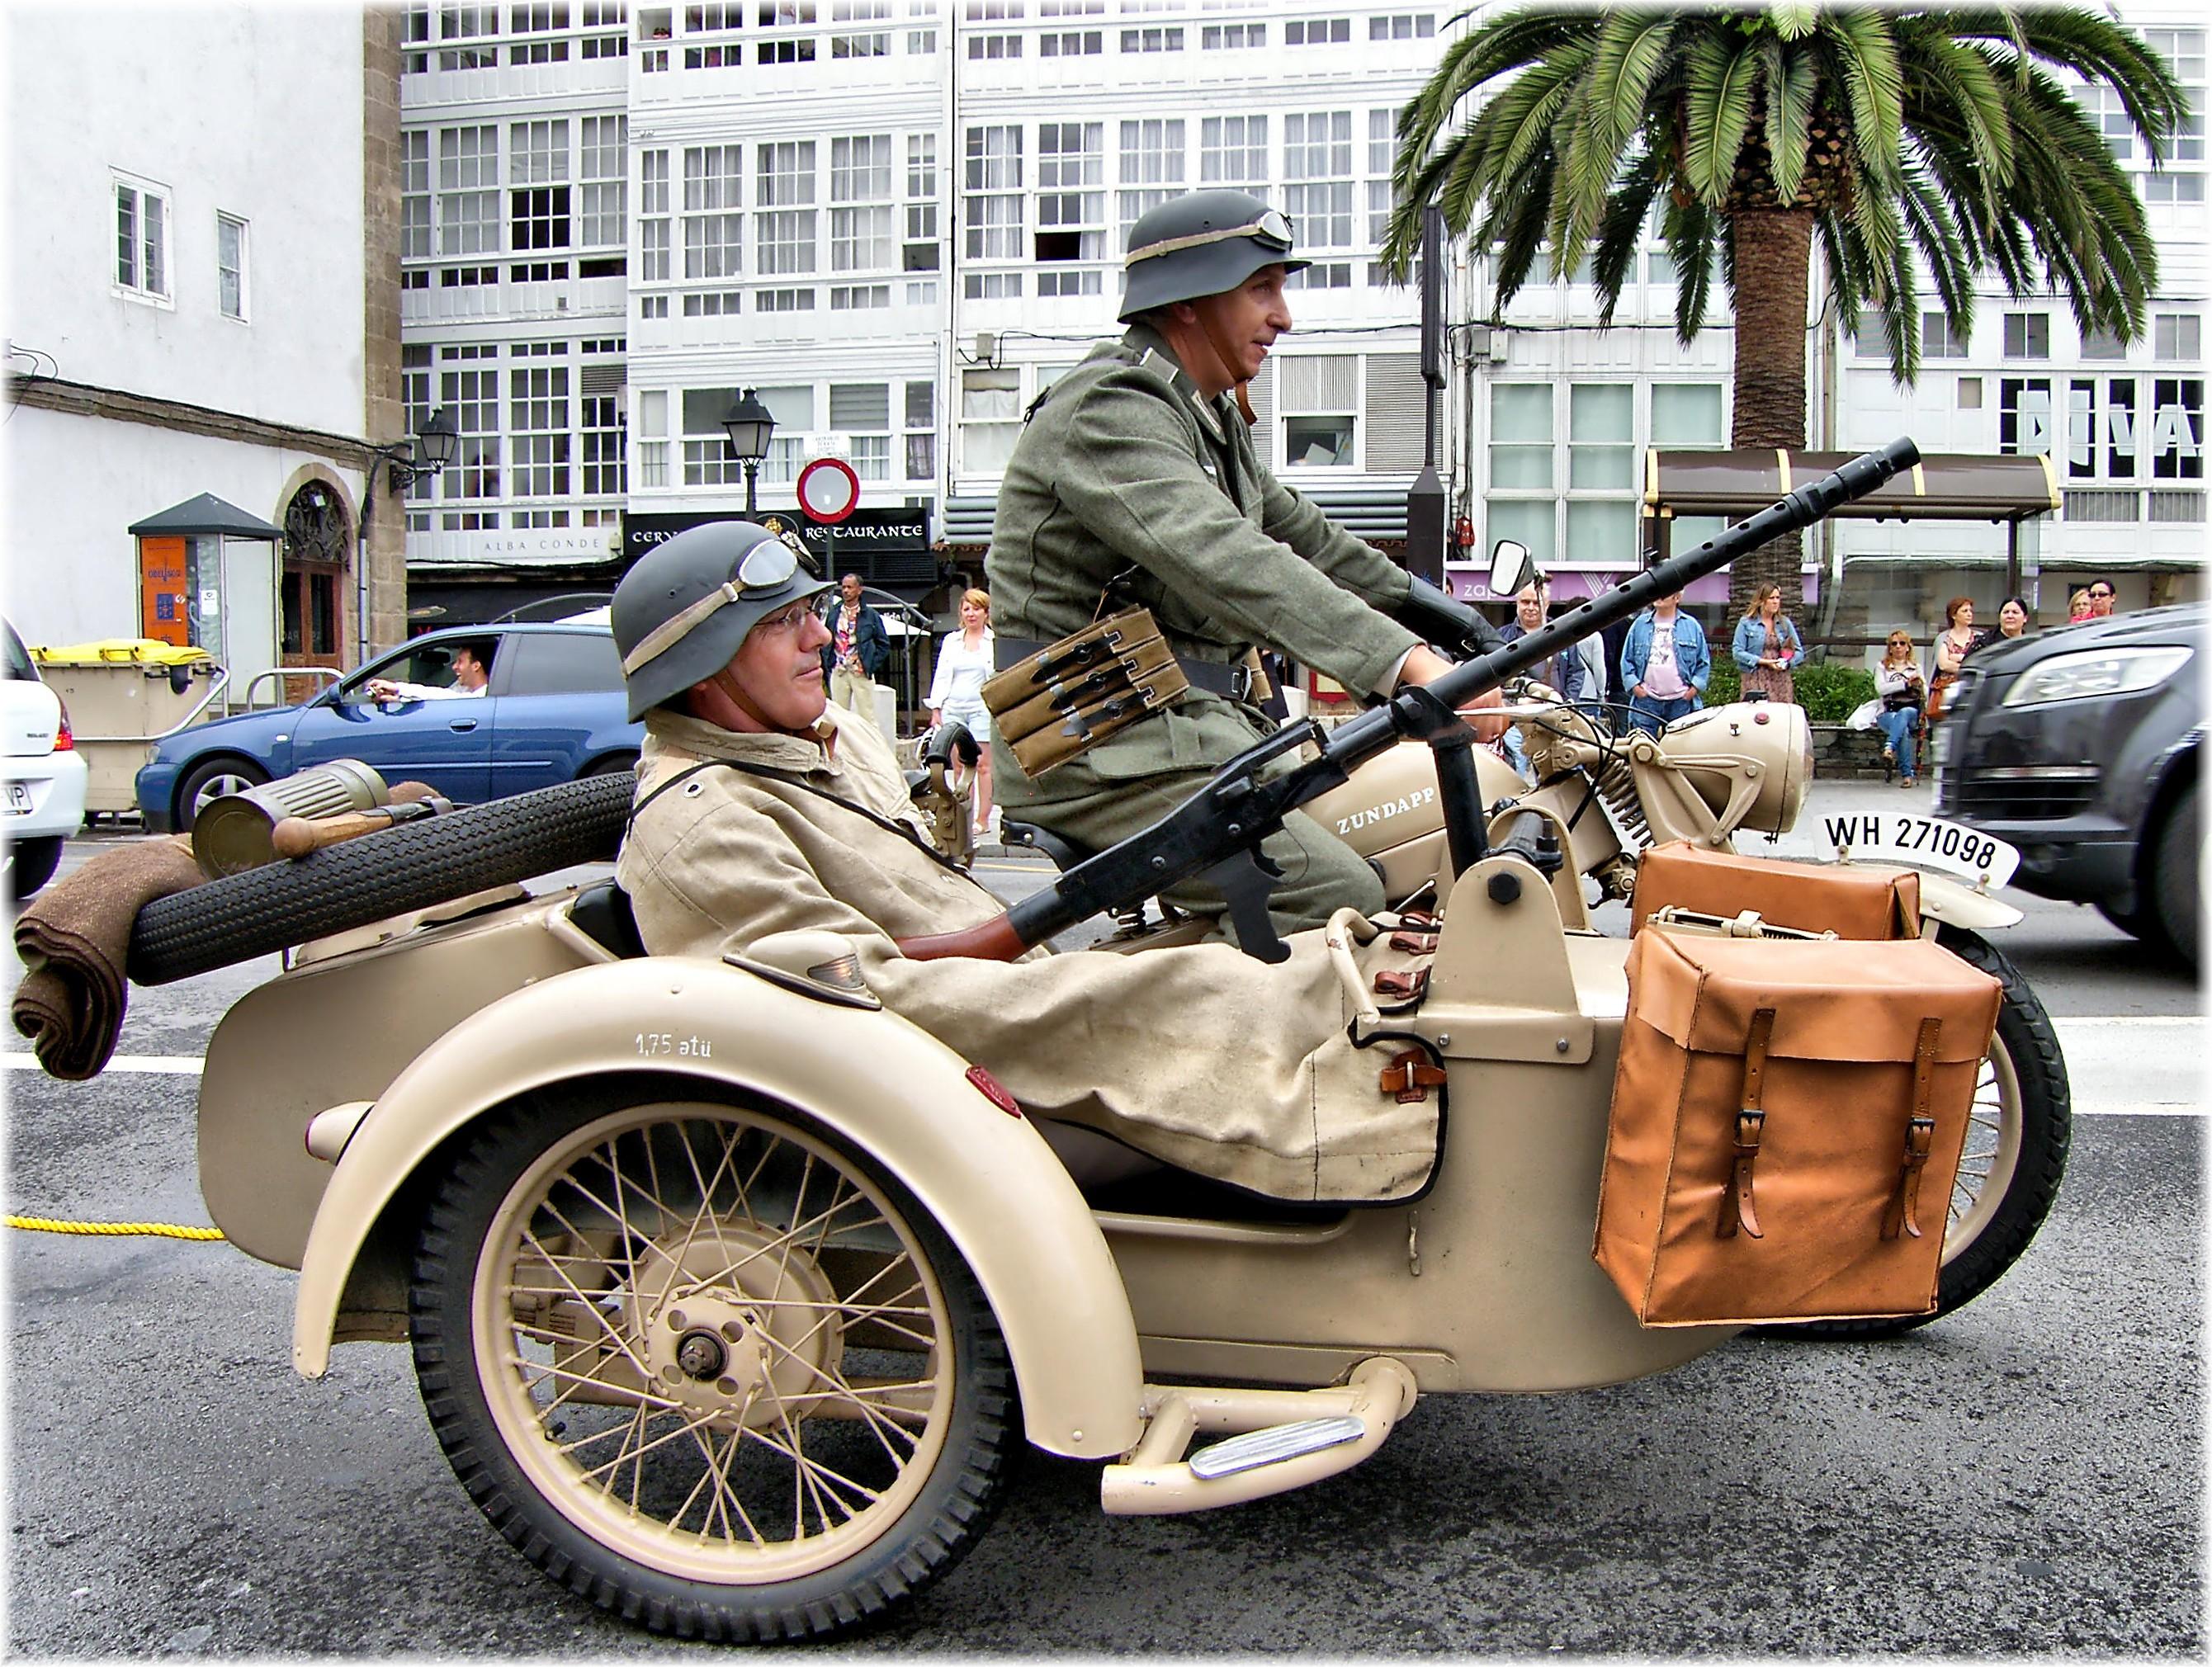 Fotos gratis : coche, militar, Europa, Ejército, vehículo, motocicleta, auto antiguo, España ...